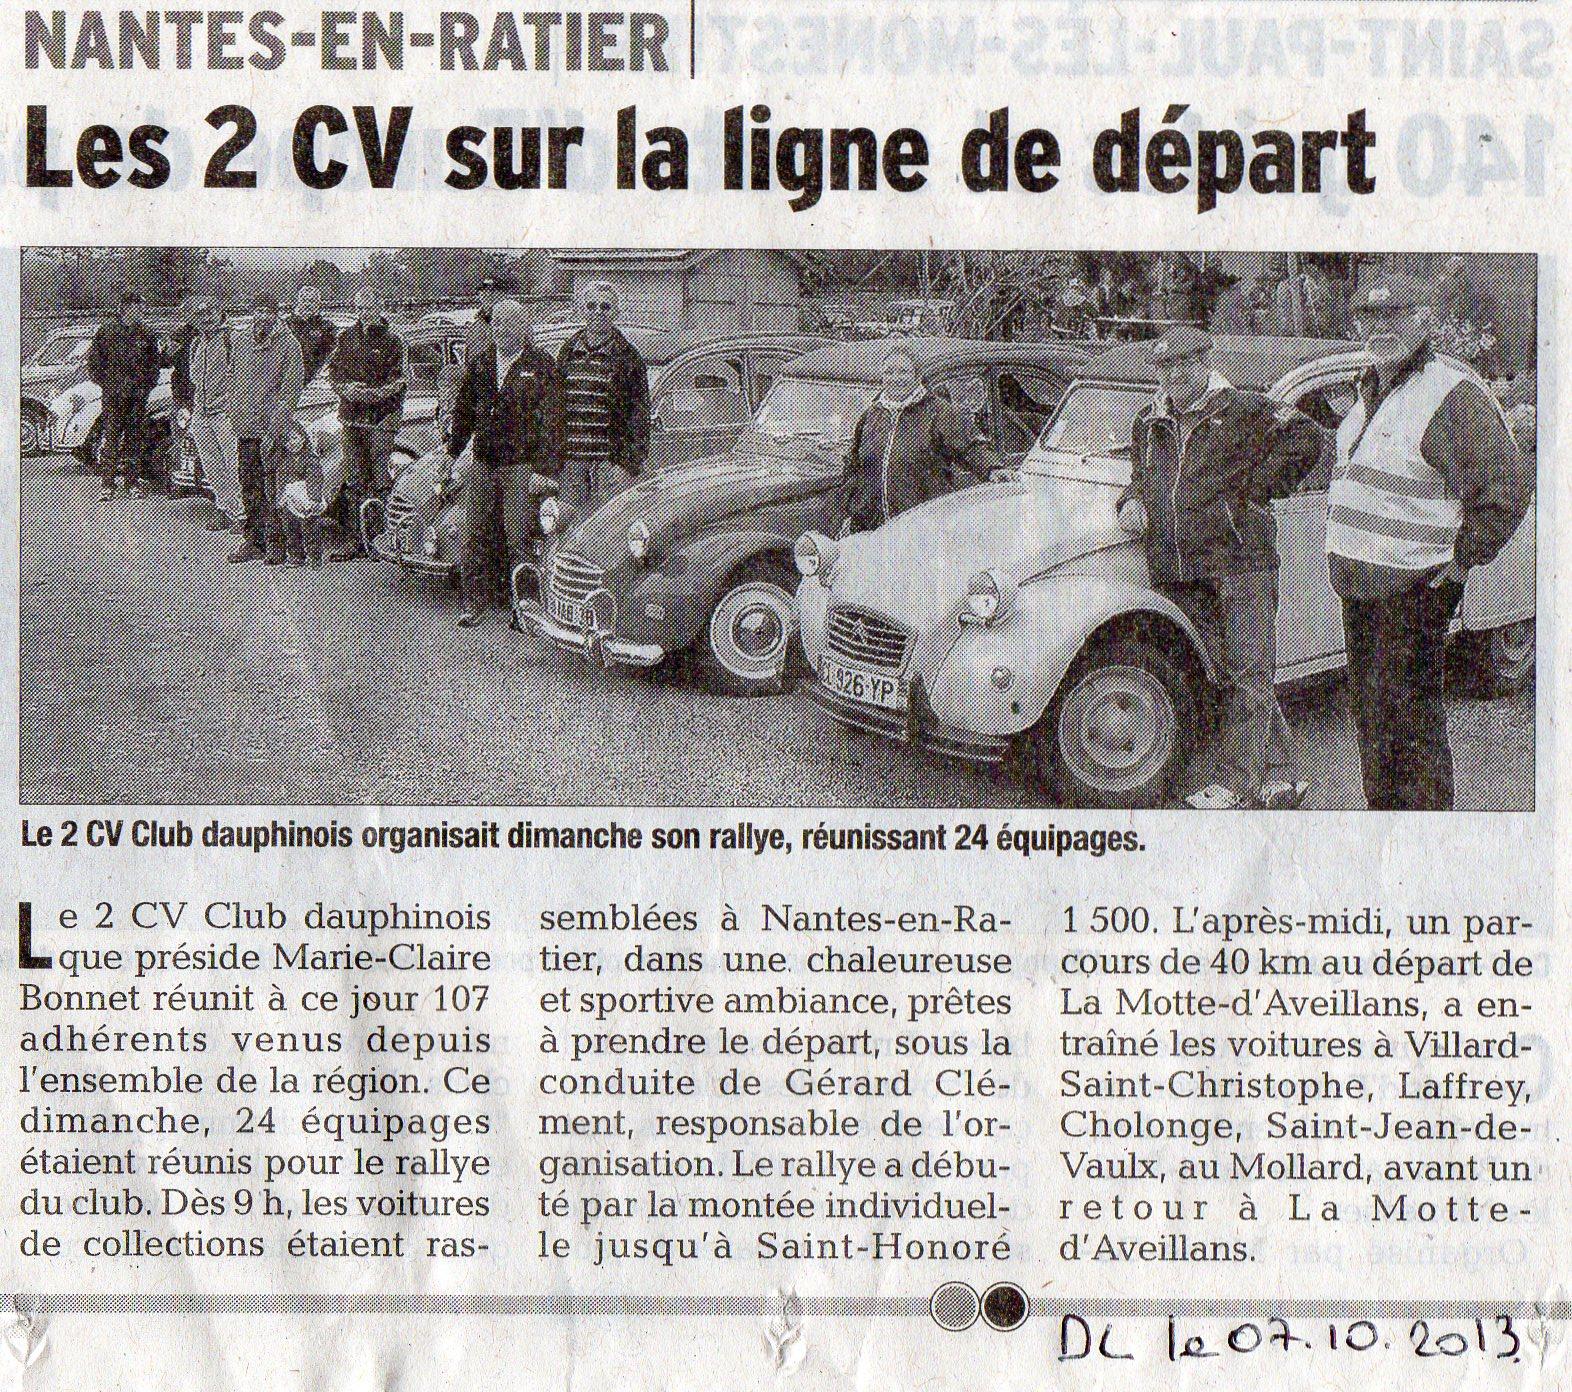 Article du Dauphiné Libéré du 7 octobre 2013